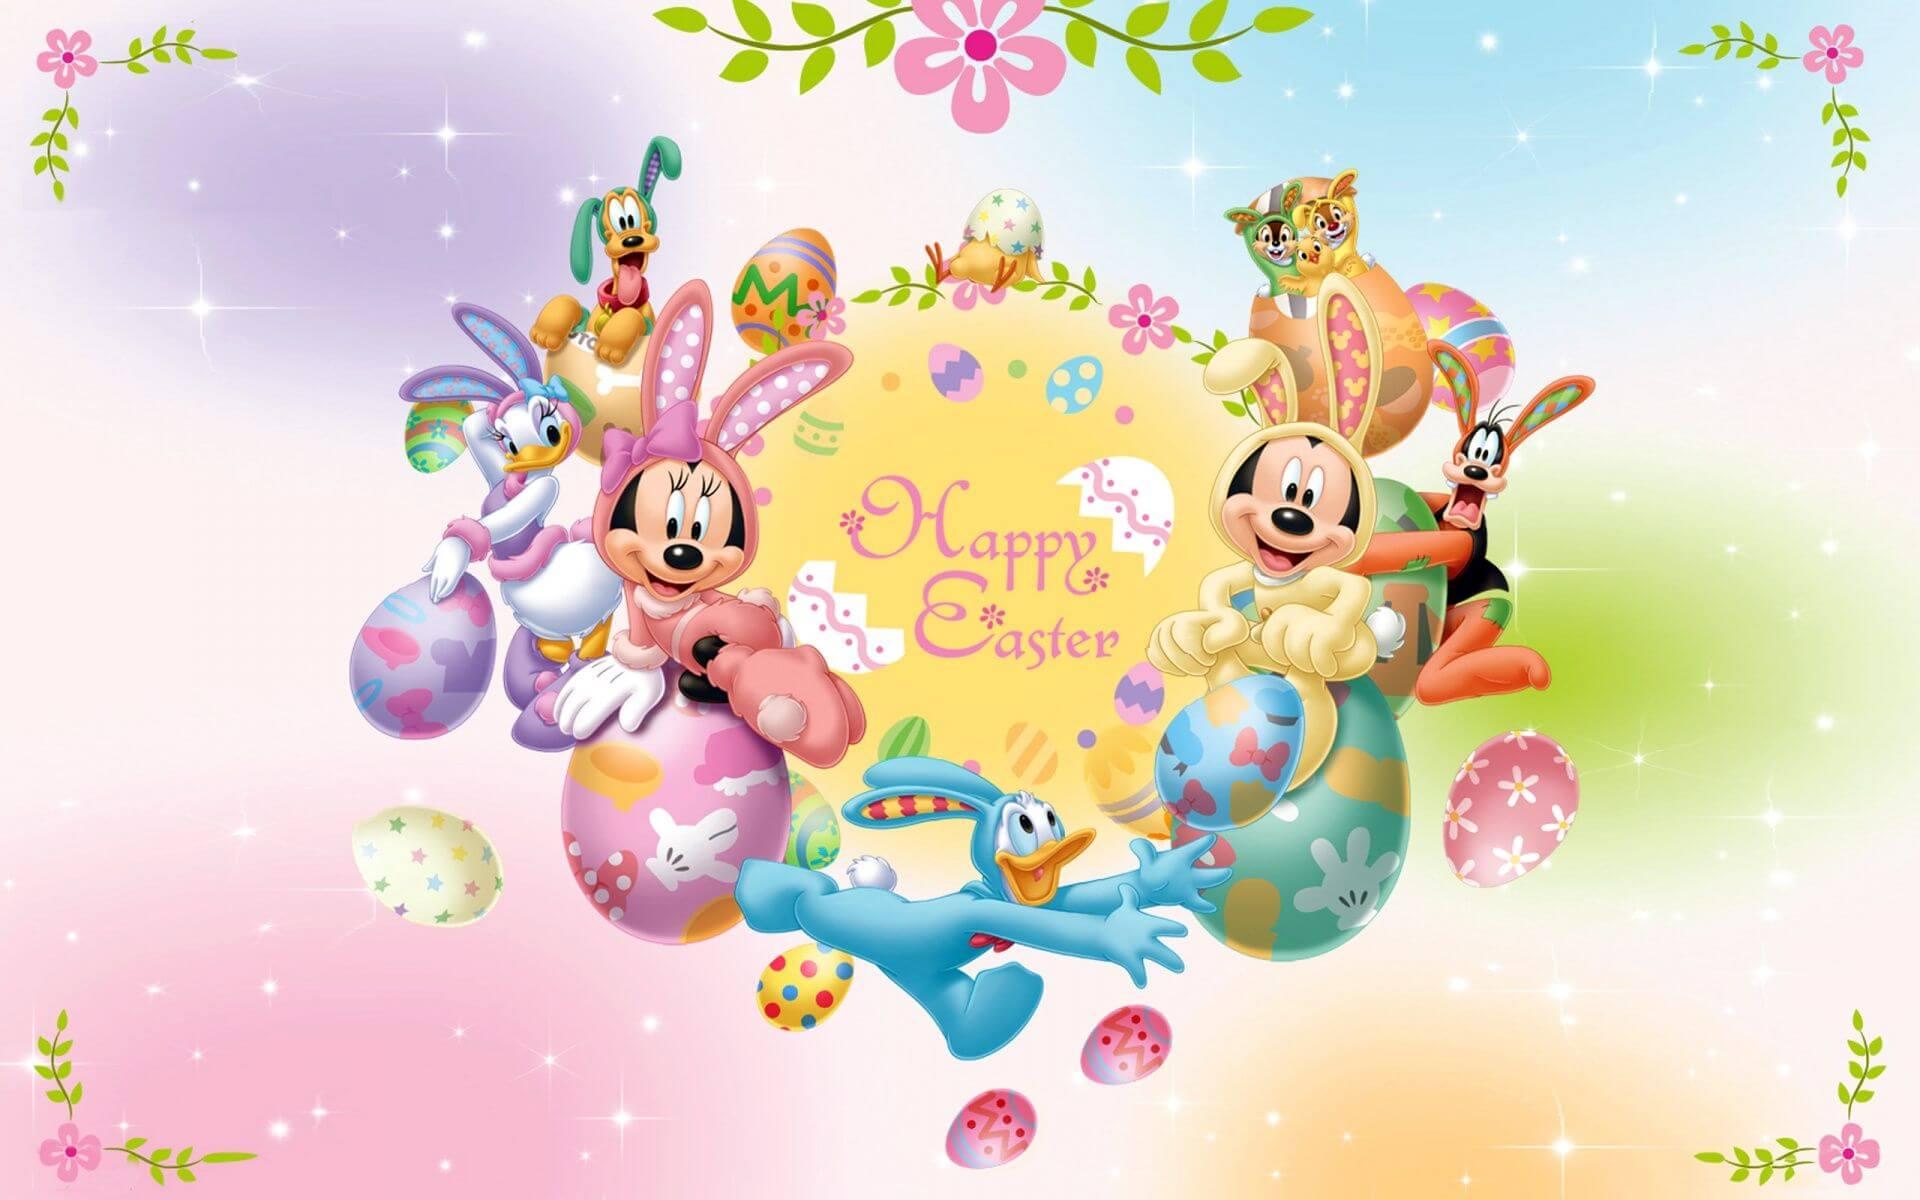 Disney Easter wallpaper